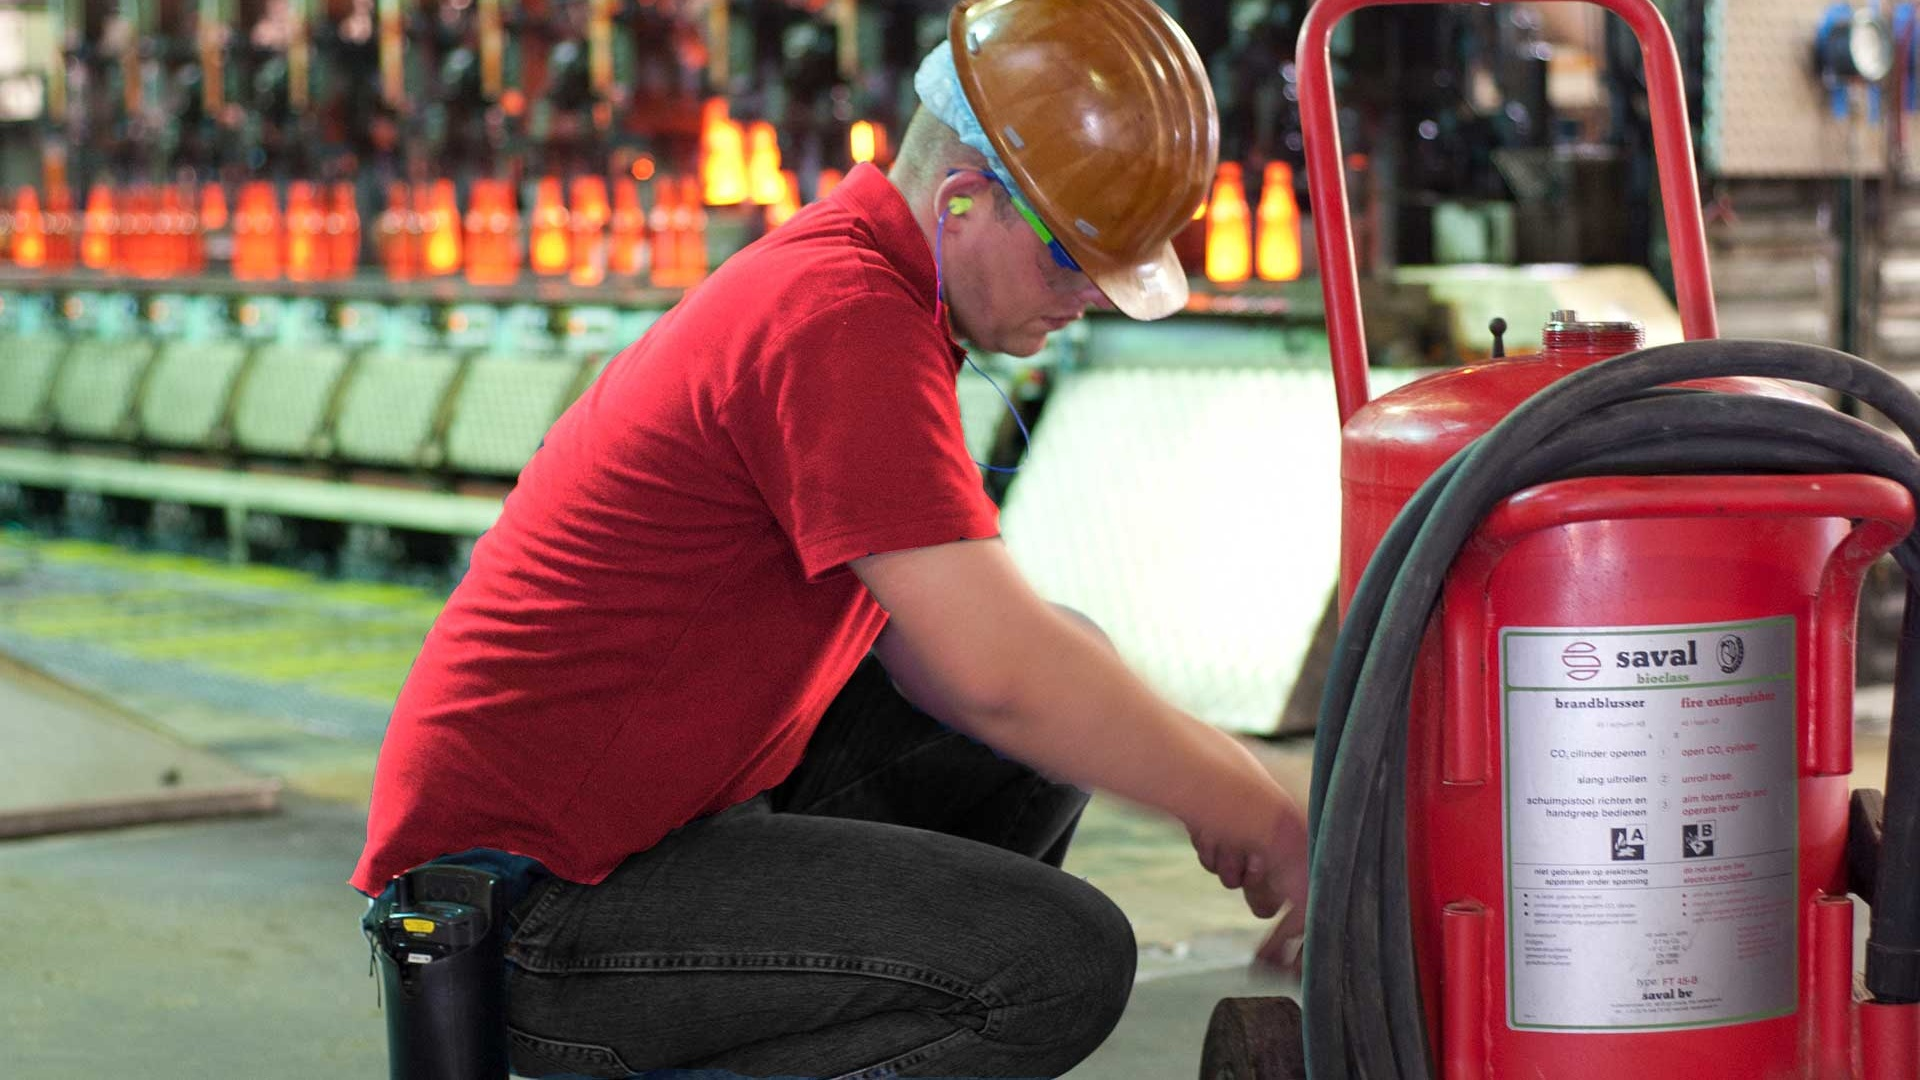 Bluswagen onderhoud